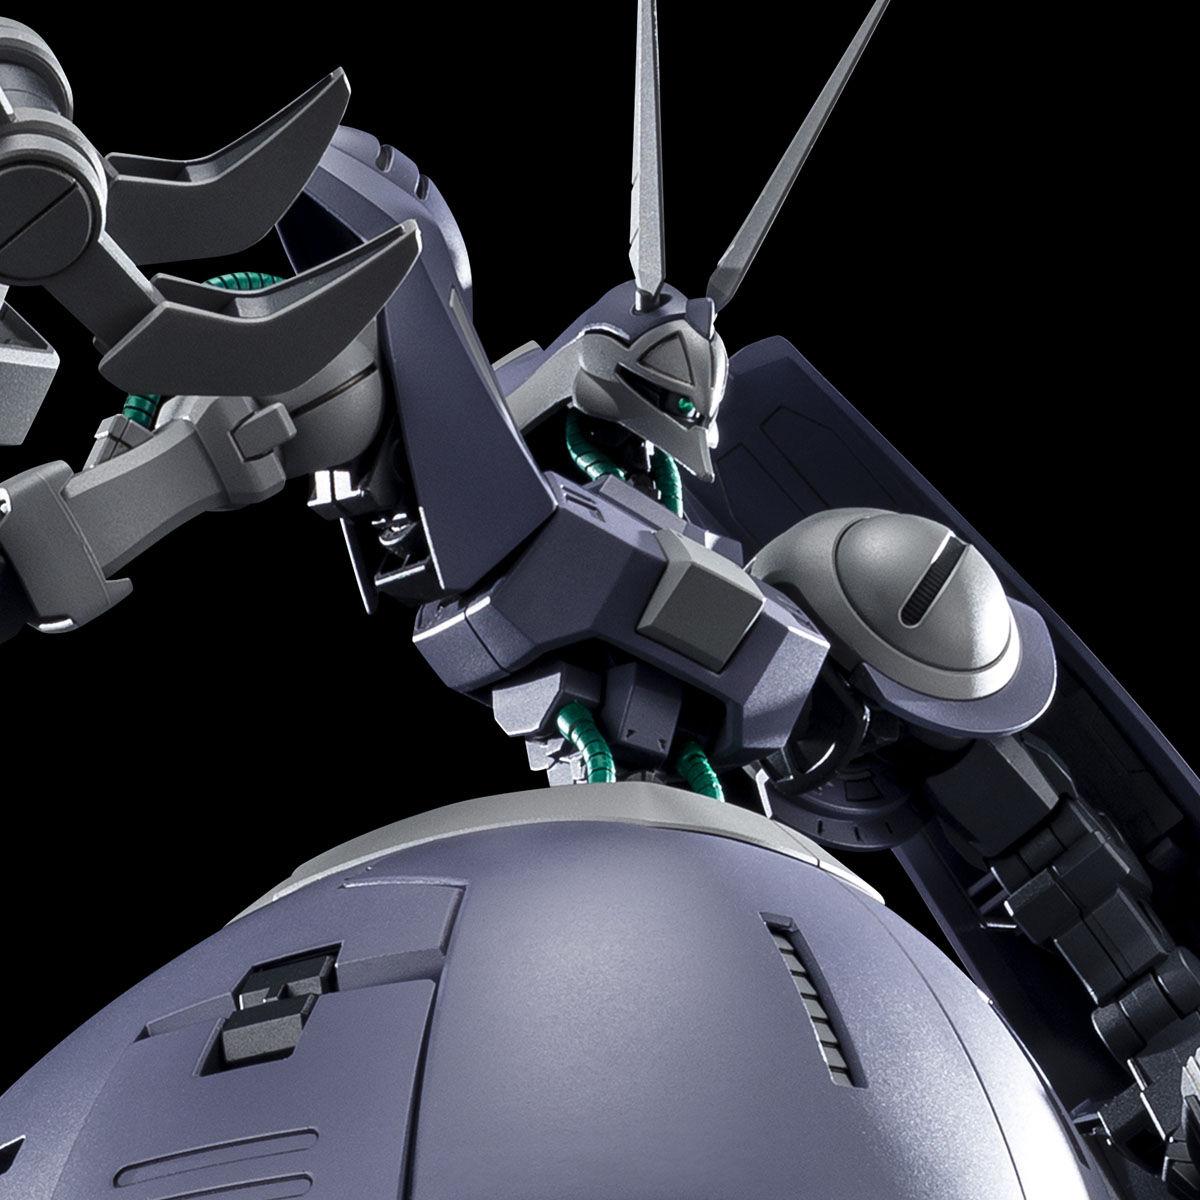 【限定販売】HG 1/144『バウンド・ドック(ゲーツ・キャパ専用機)』機動戦士Zガンダム プラモデル-001